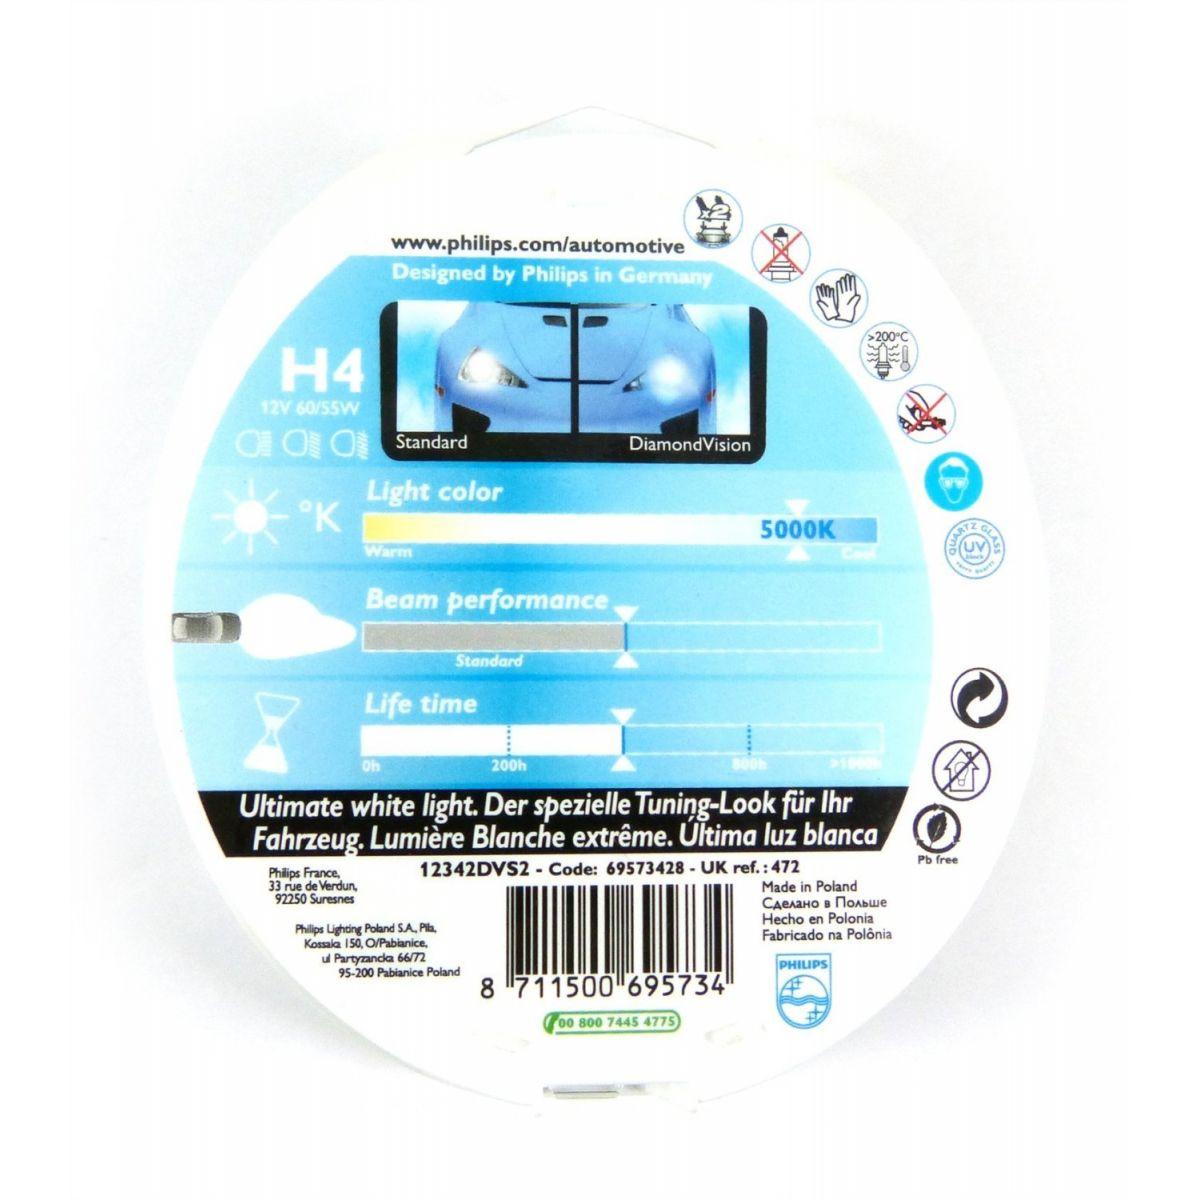 Lâmpada H4 60/55w Philips Diamond Vision 5000k - PAR